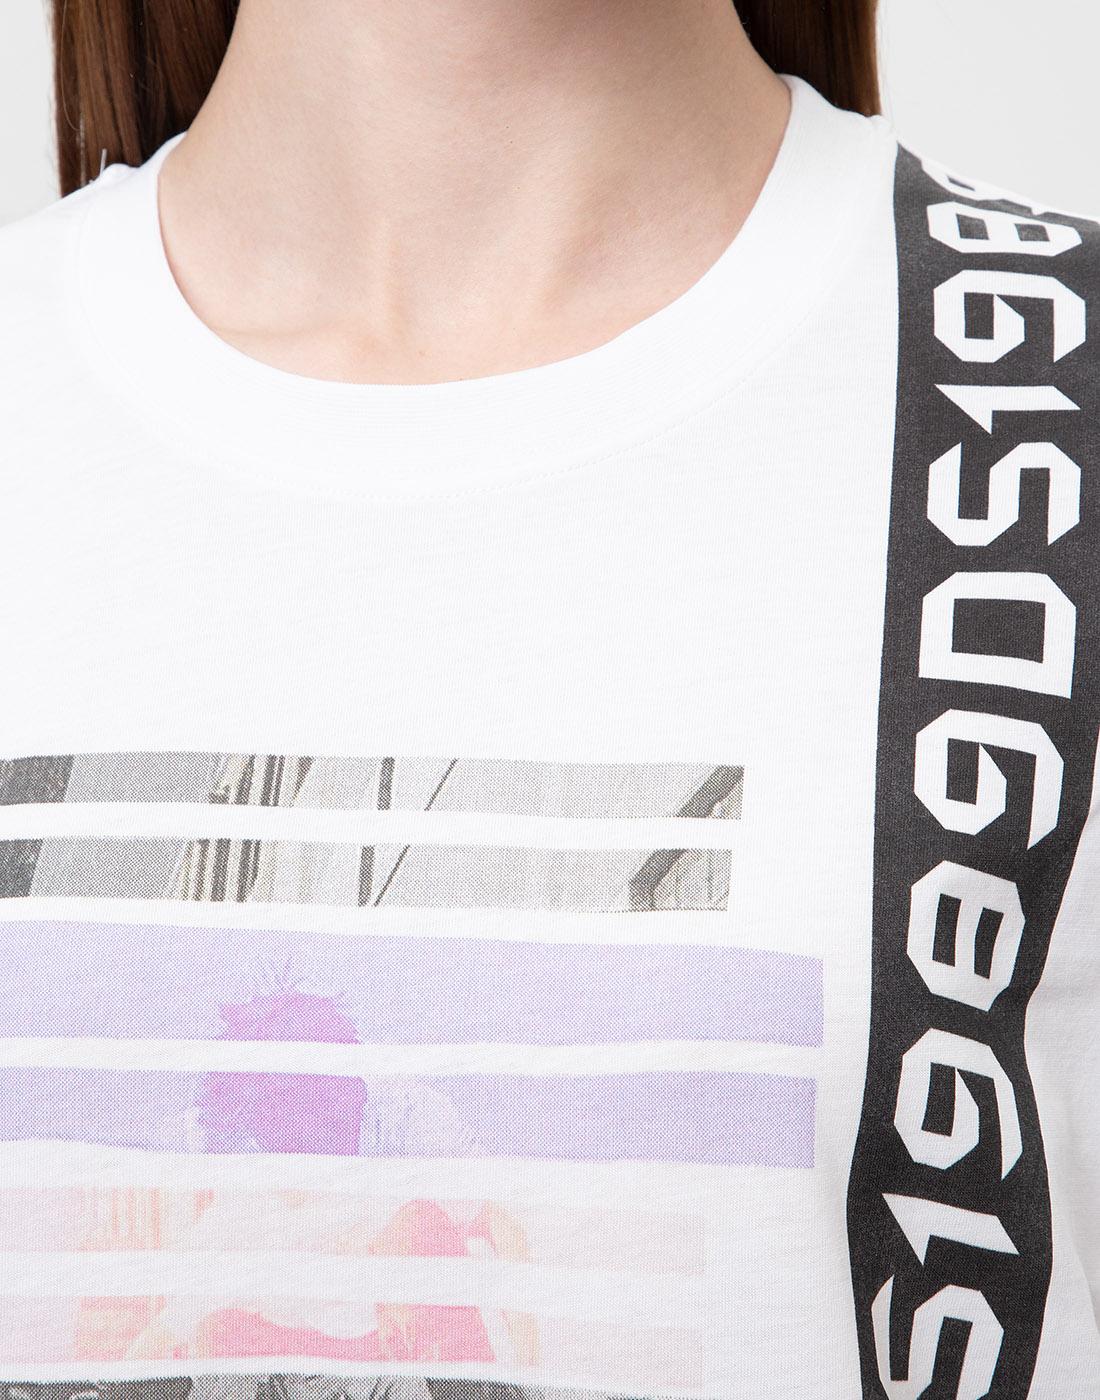 Женская белая футболка с принтом Dorothee Schumacher S623501/100-6